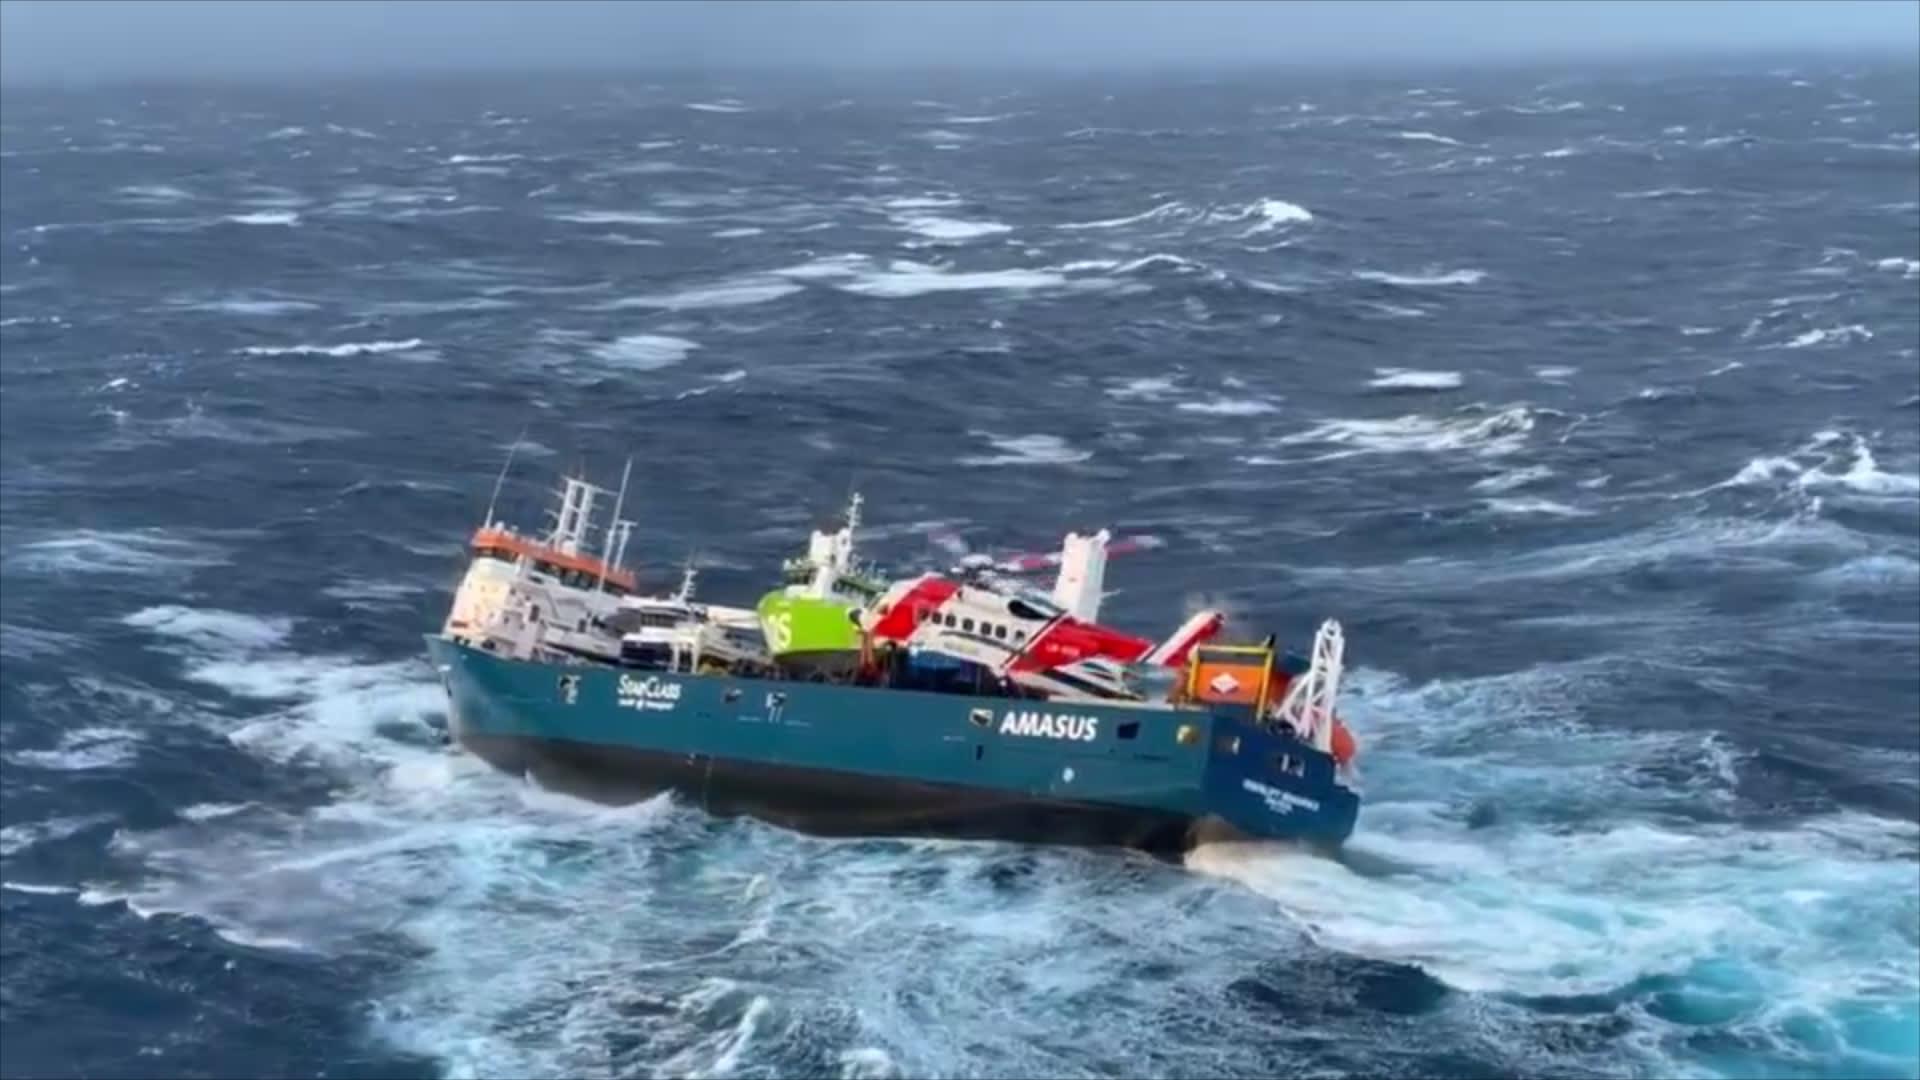 لقطات مثيرة تُظهر إنقاذ طاقم سفينة شحن هولندية بعد أن فقدت قوتها أثناء العاصفة